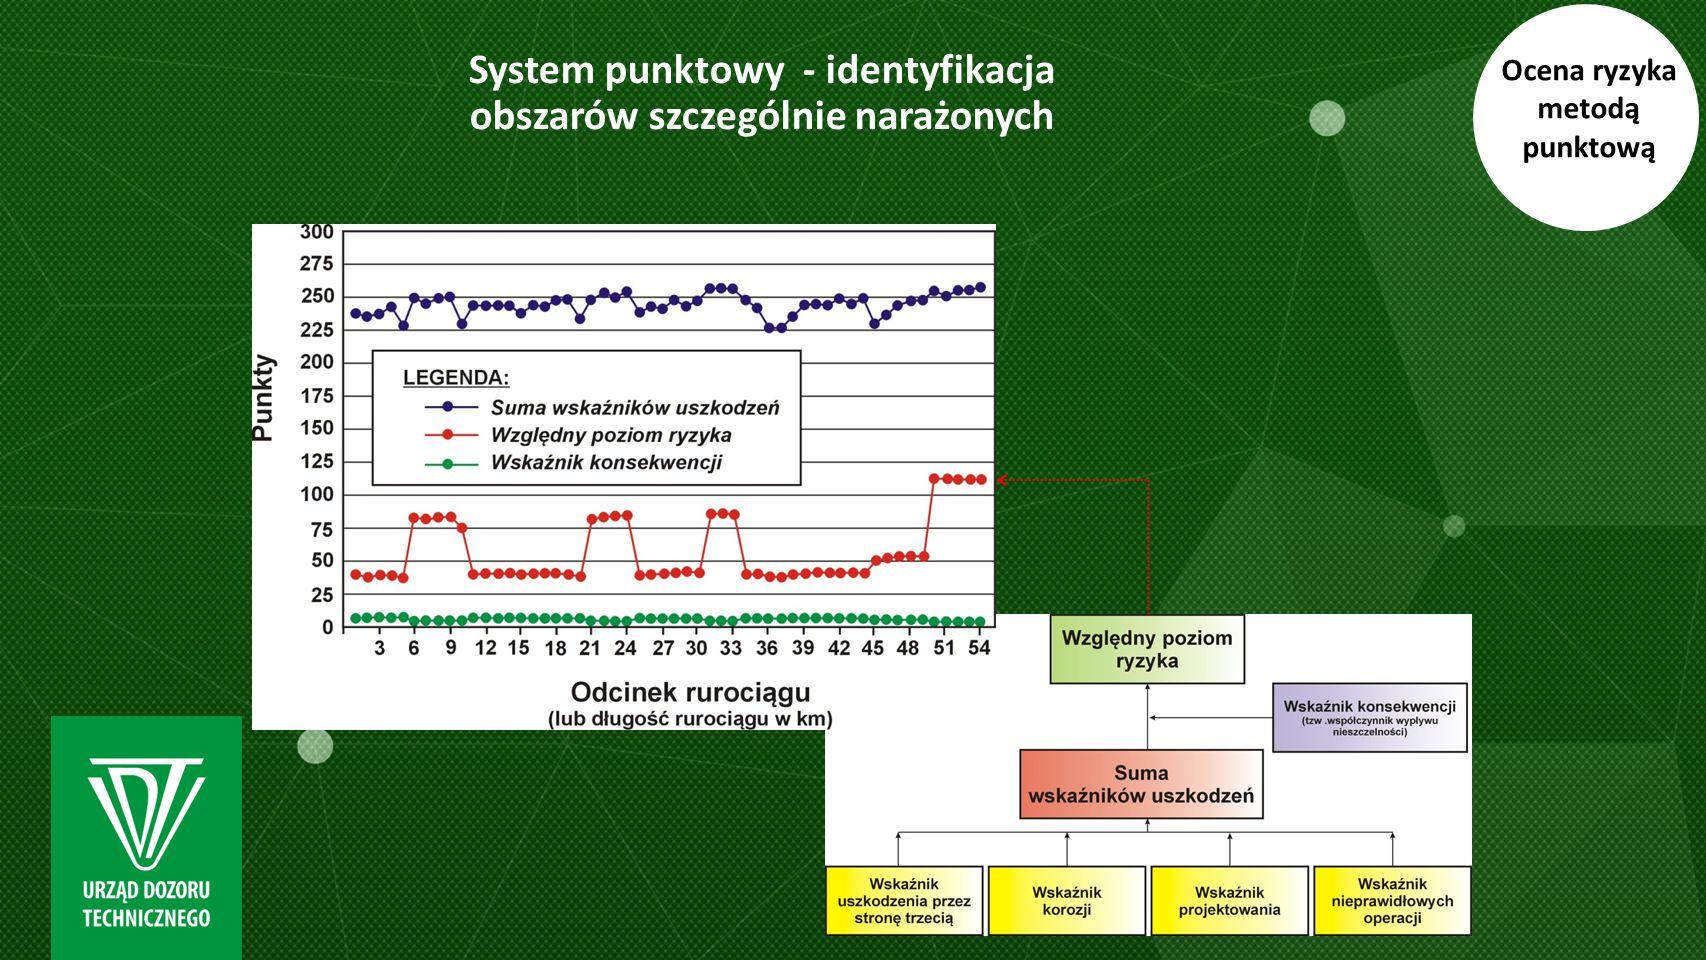 System punktowy - identyfikacja obszarów szczególnie narażonych